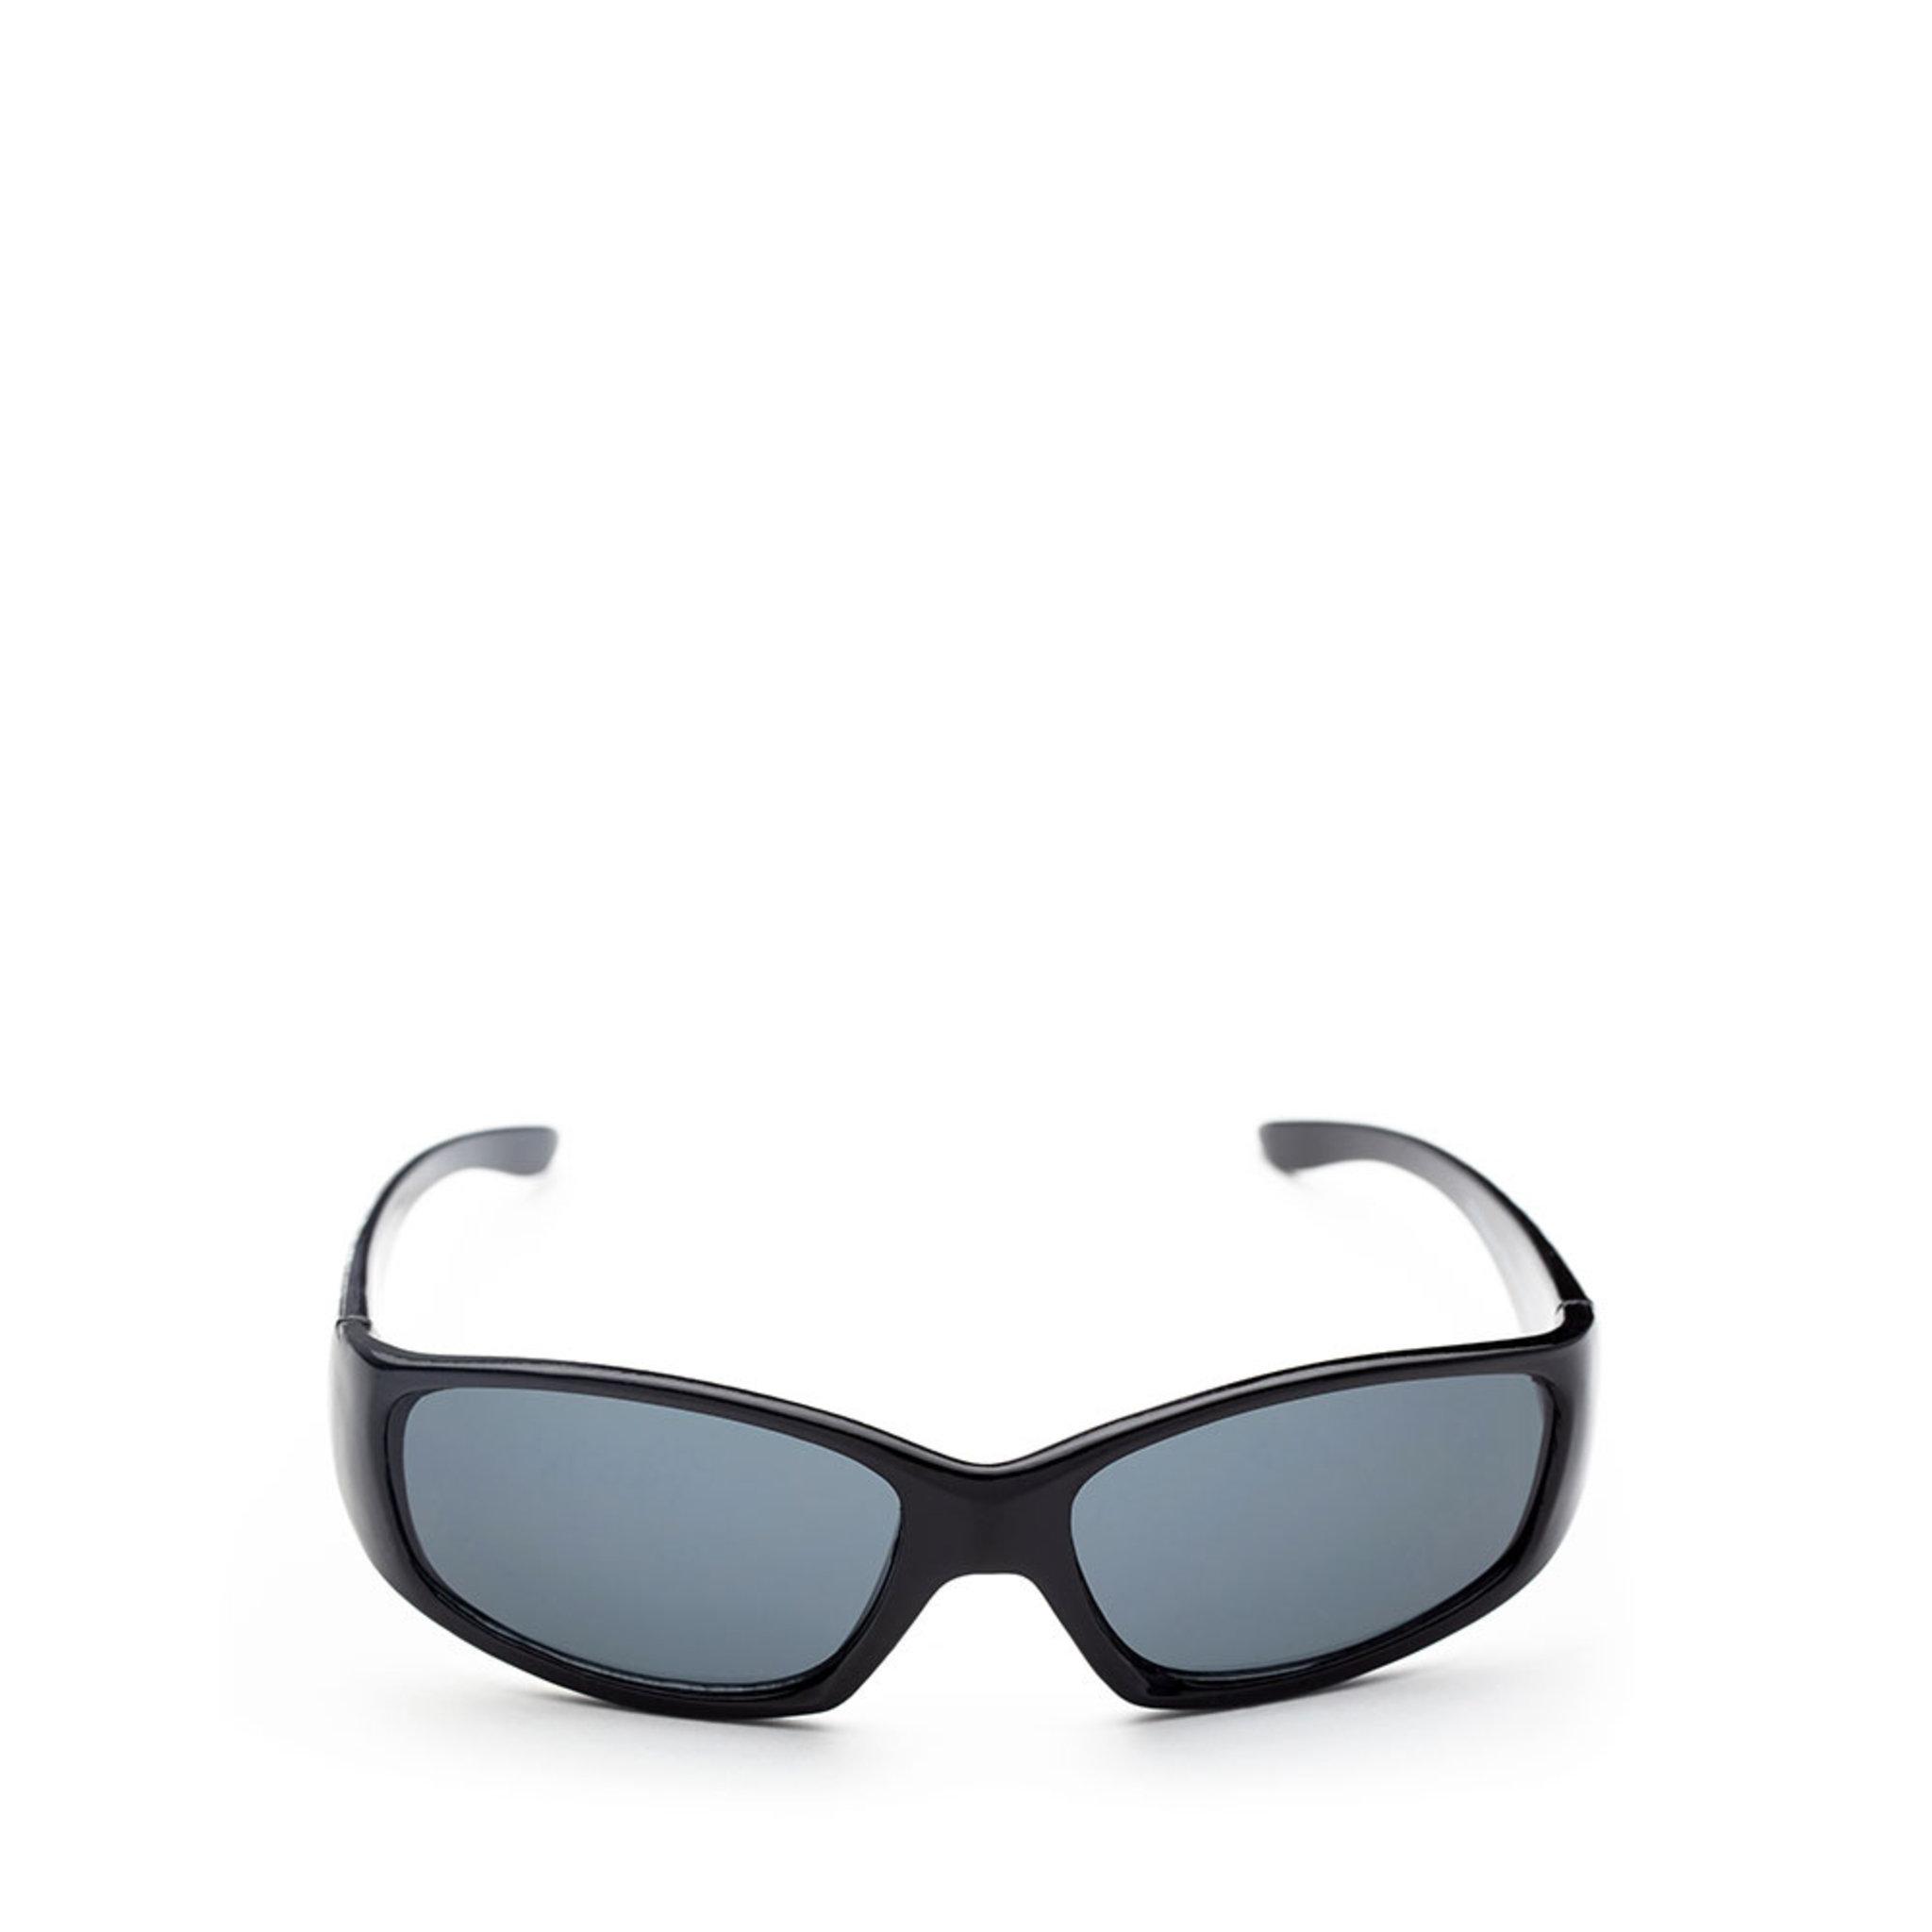 Glenn barnsolglasögon